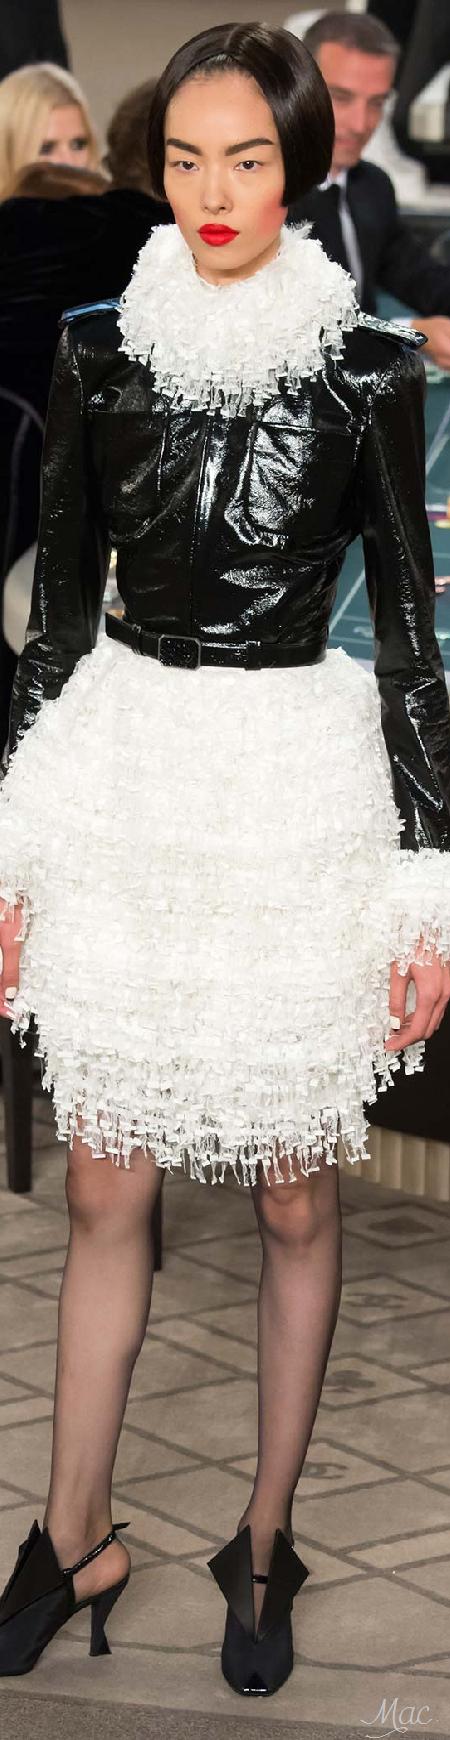 Chanel HC AW 2015-16 #CerclePrive Visit espritdegabrielle.com | L'héritage de Coco Chanel